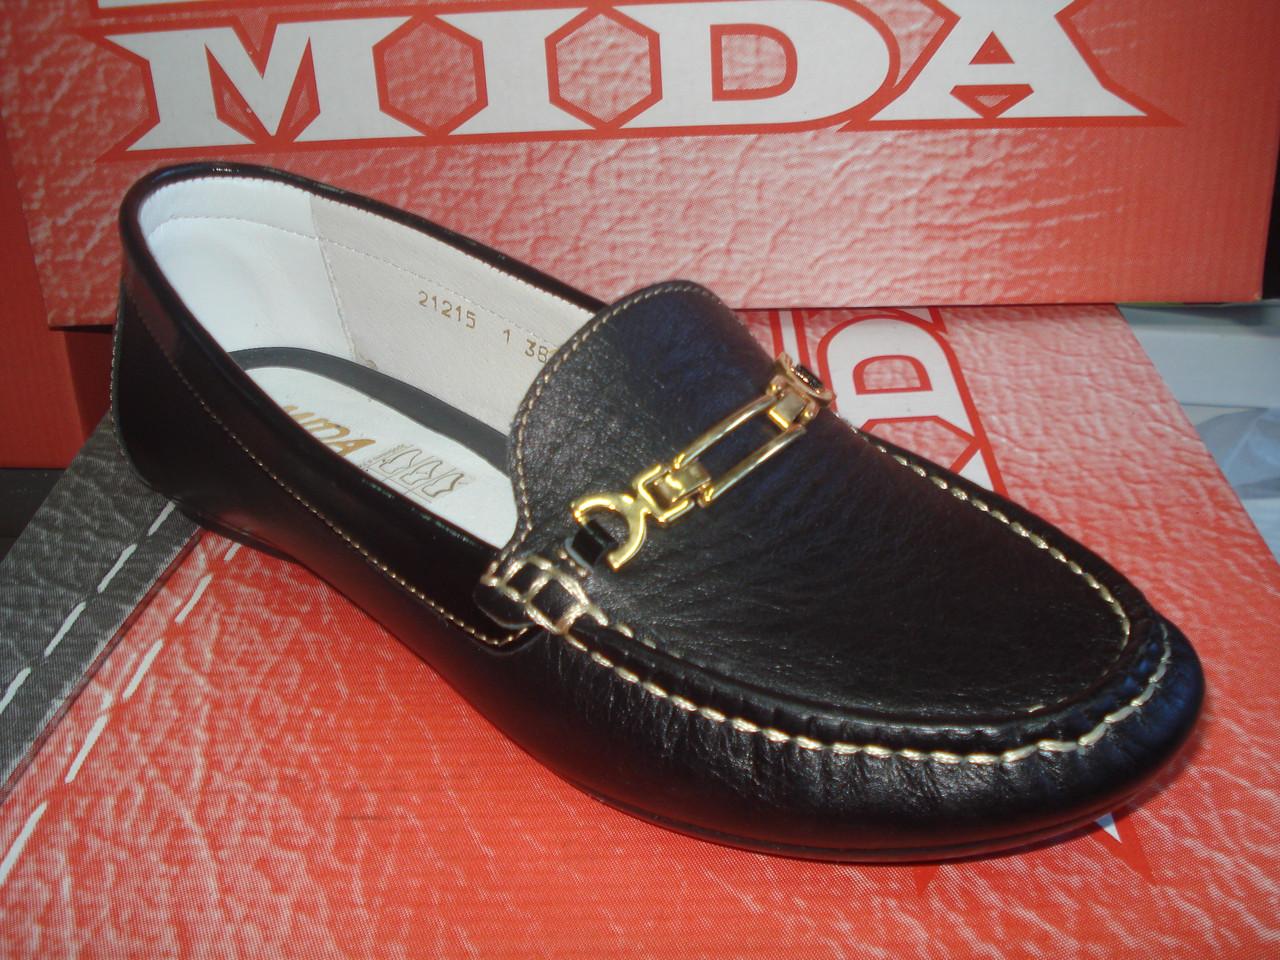 Мокасины женские кожаные МИДА 21215 черные.